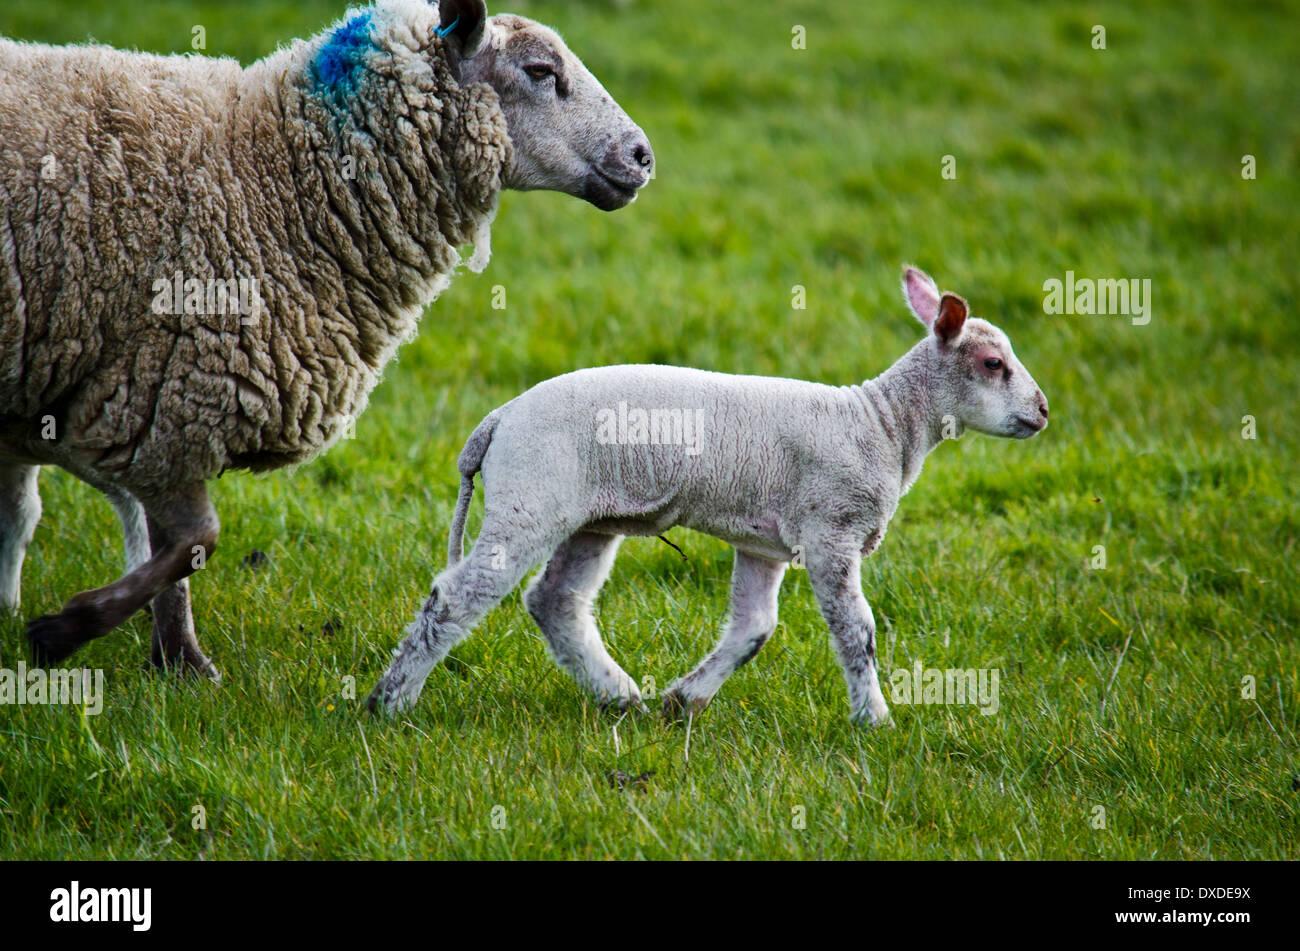 Lamb and Ewe - Stock Image